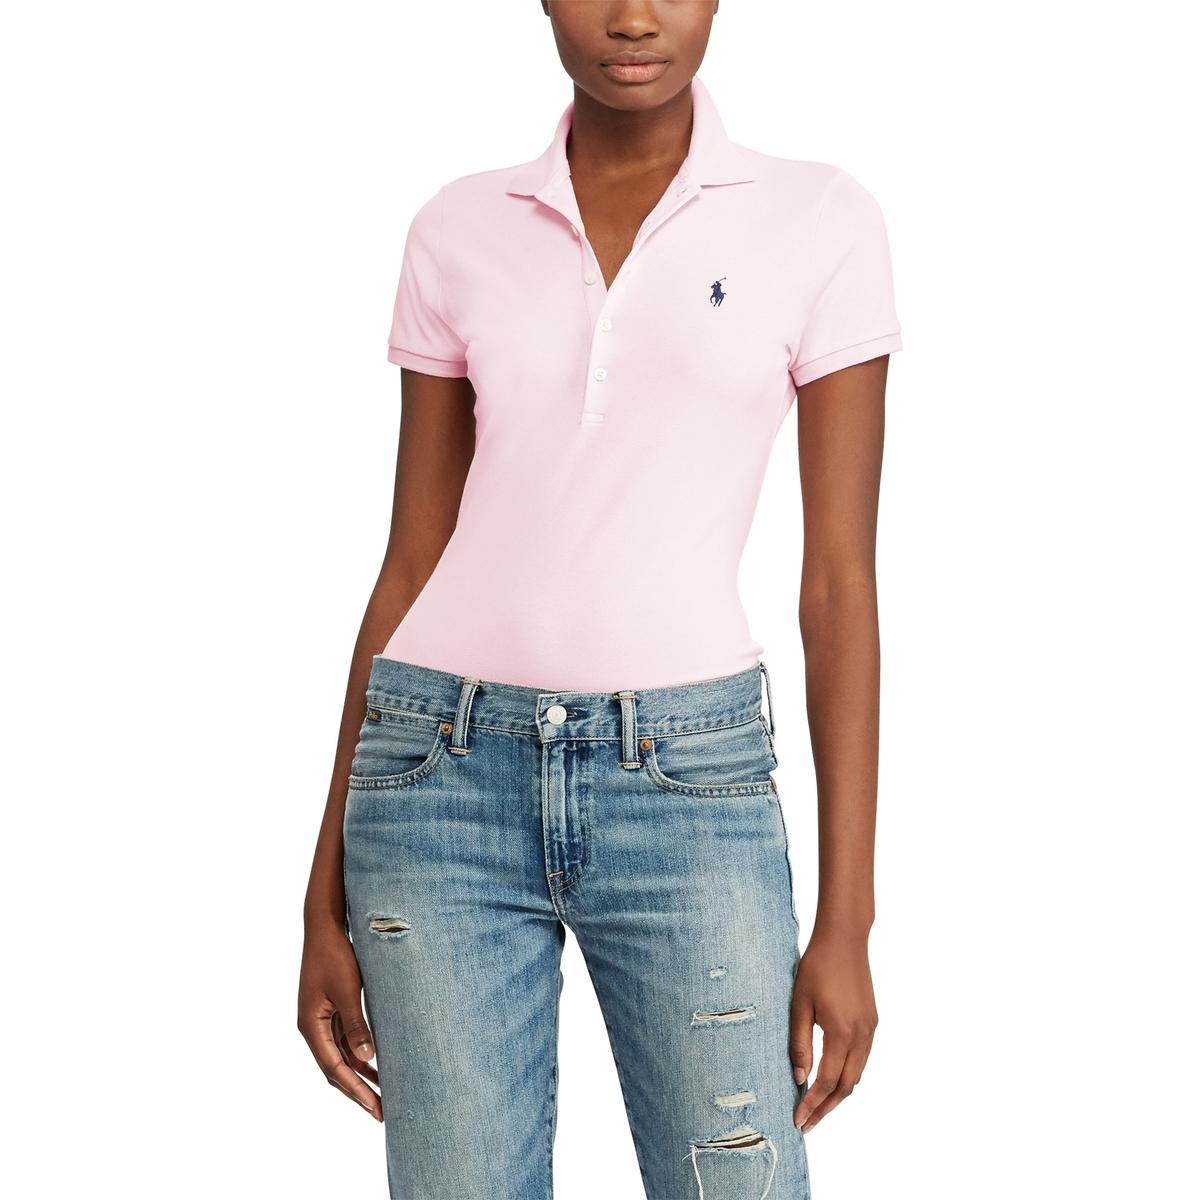 Футболка-поло La Redoute С короткими рукавами M розовый футболка поло la redoute с короткими рукавами xs белый